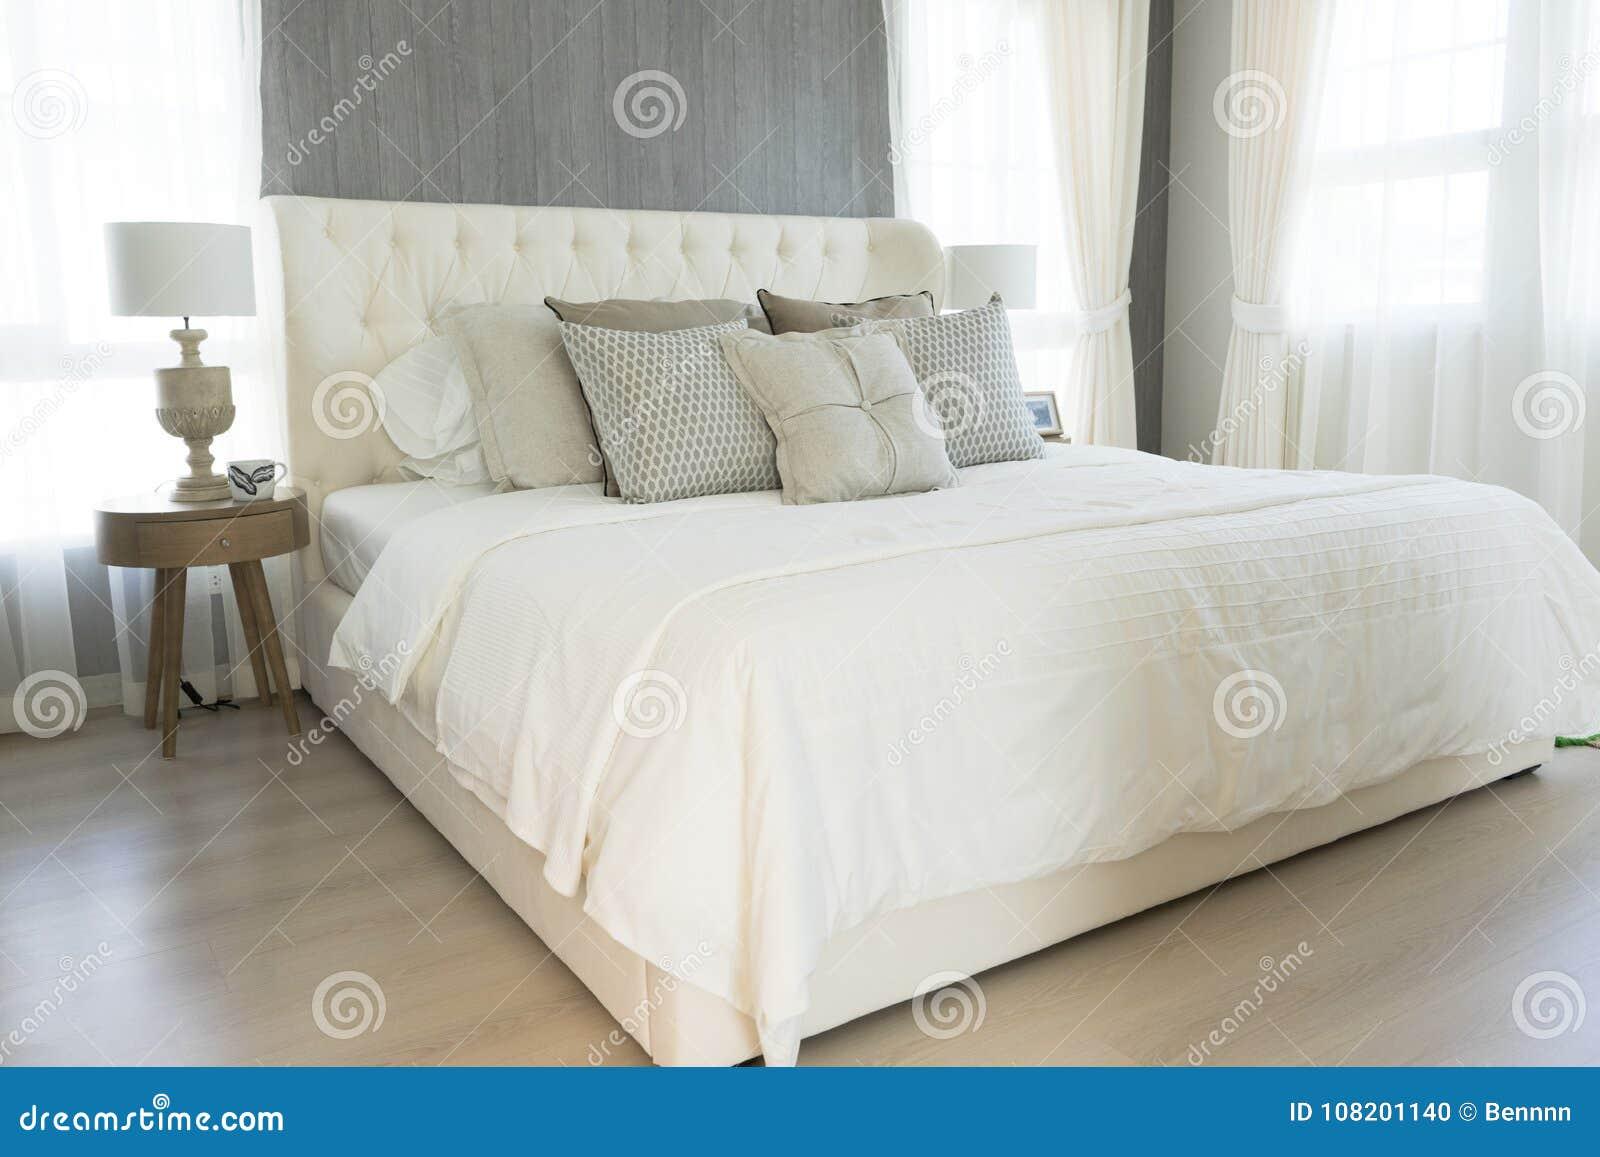 Camere Da Letto Stile Country Prezzi : Cuscini bianchi che mettono sulla camera da letto stile country